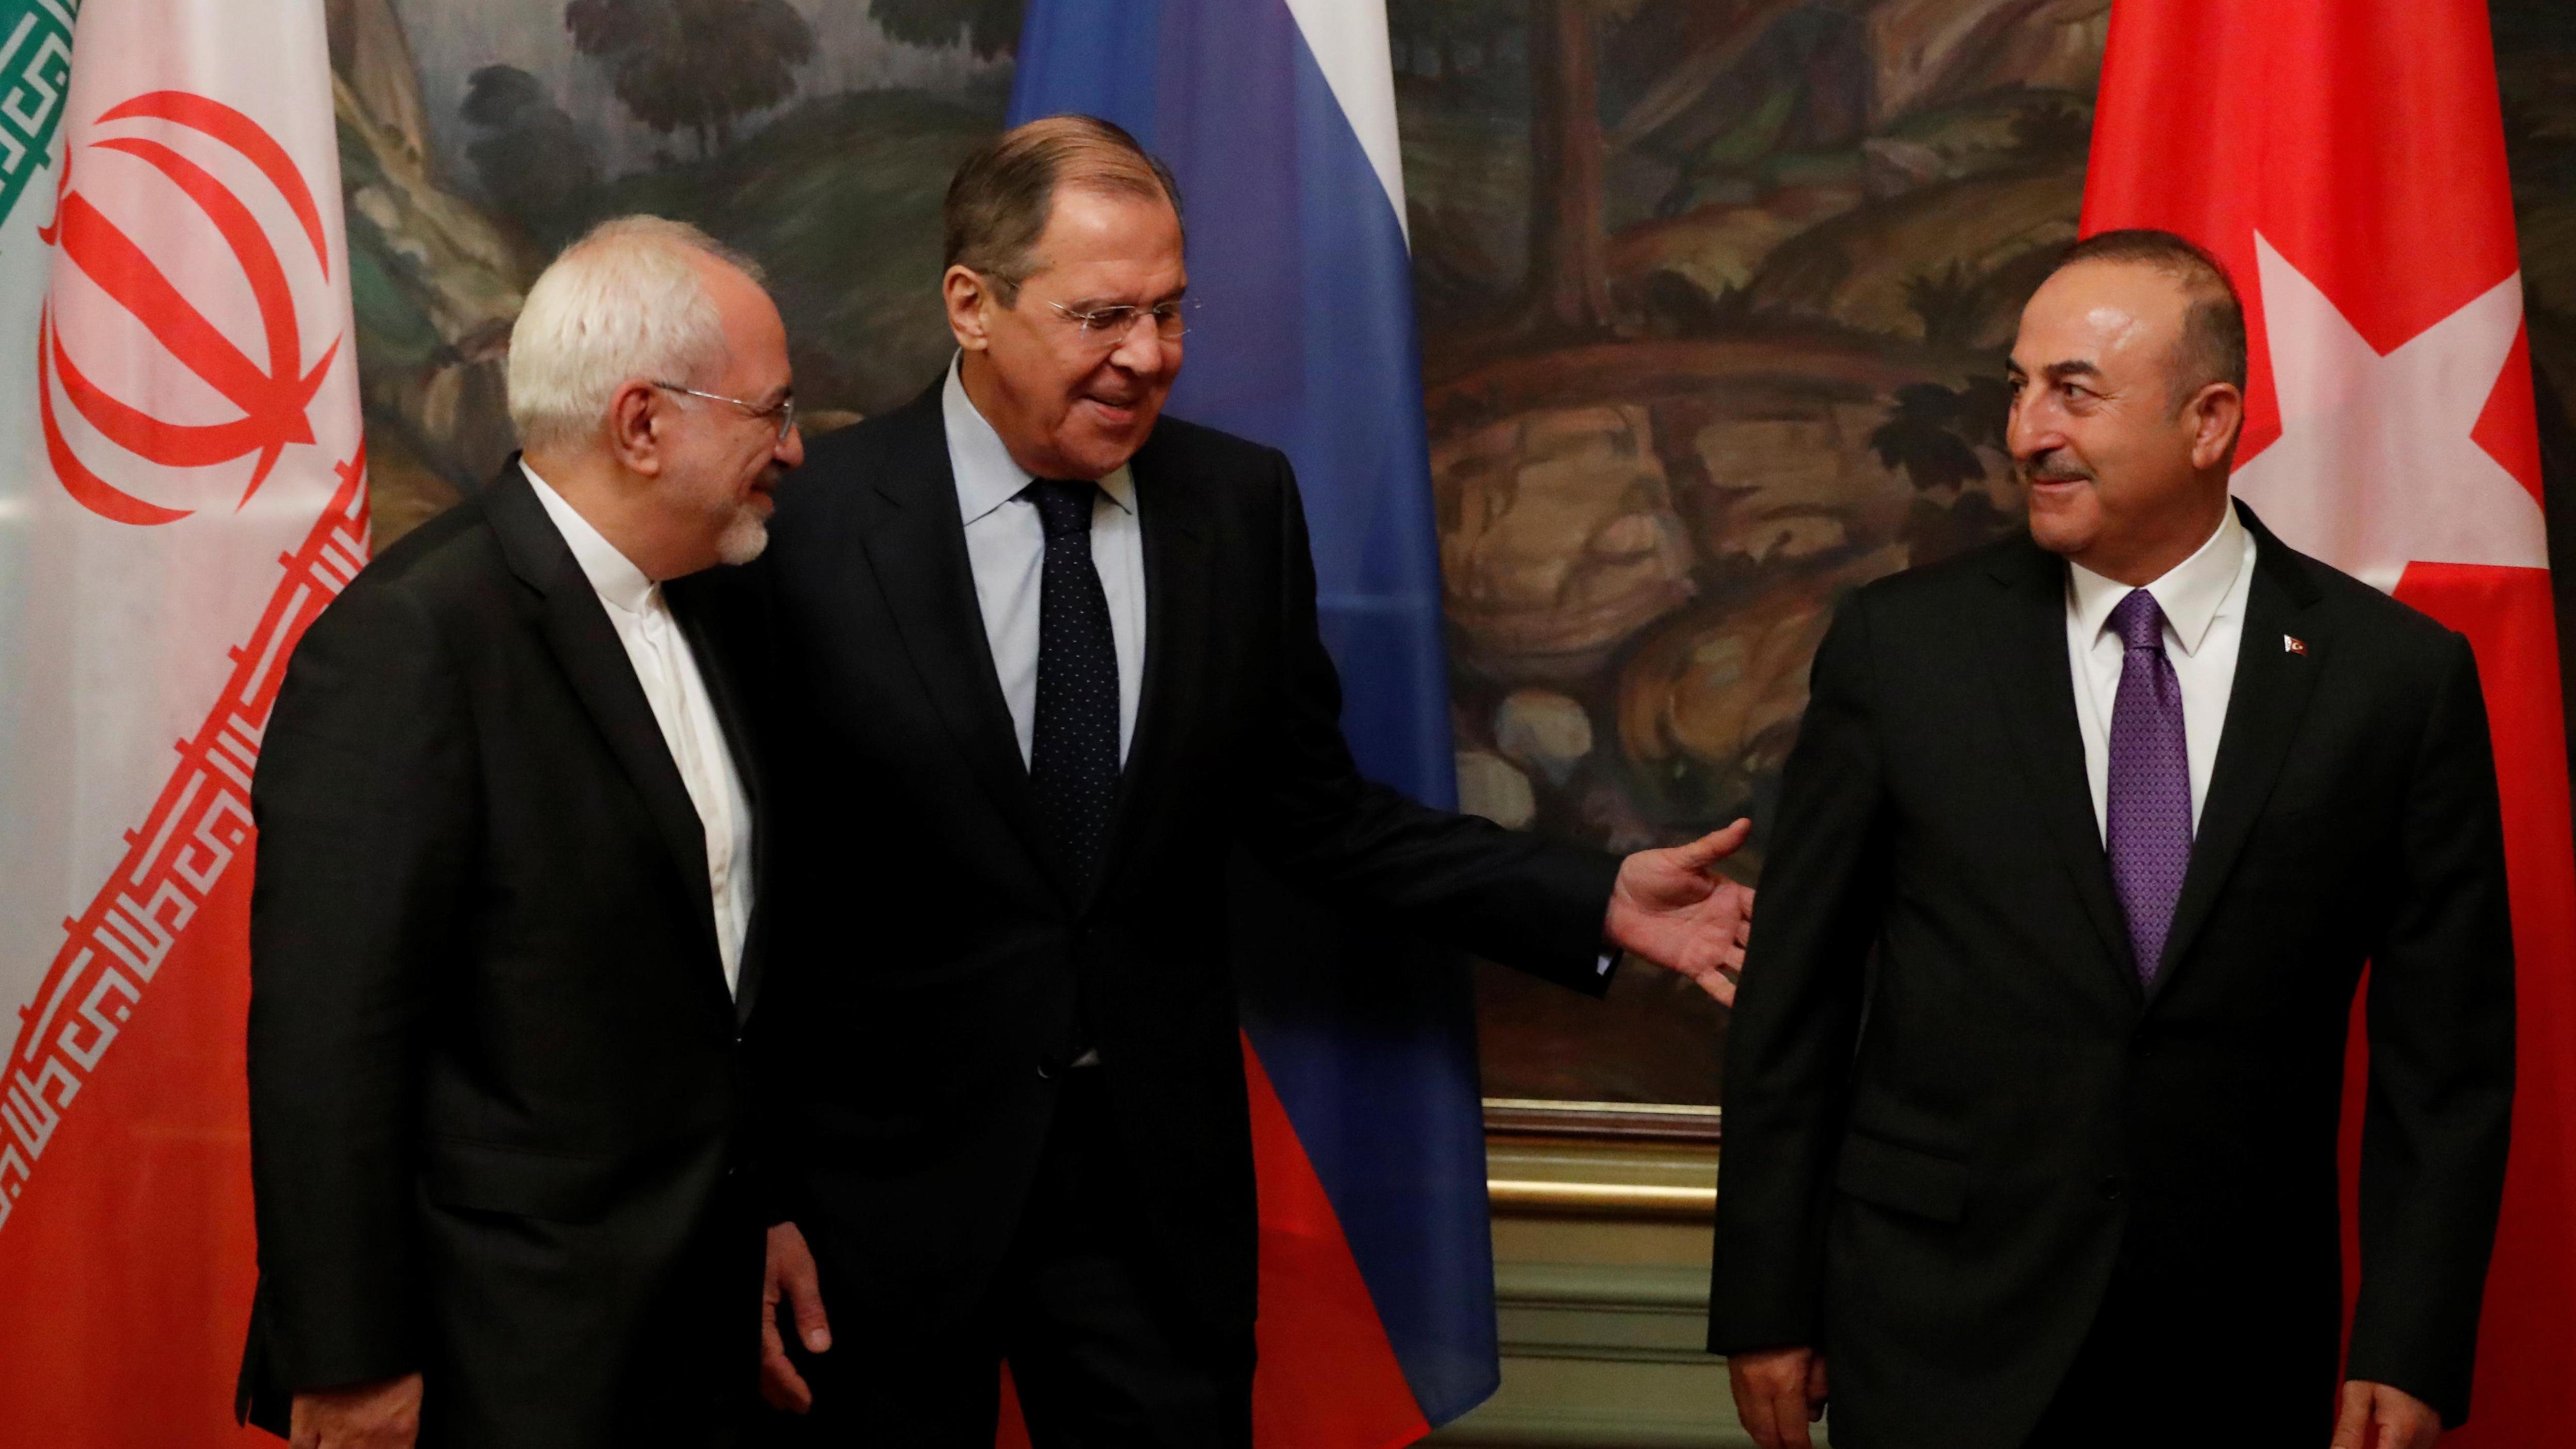 Russie, Turquie et Iran réunis pour un sommet sur la Syrie